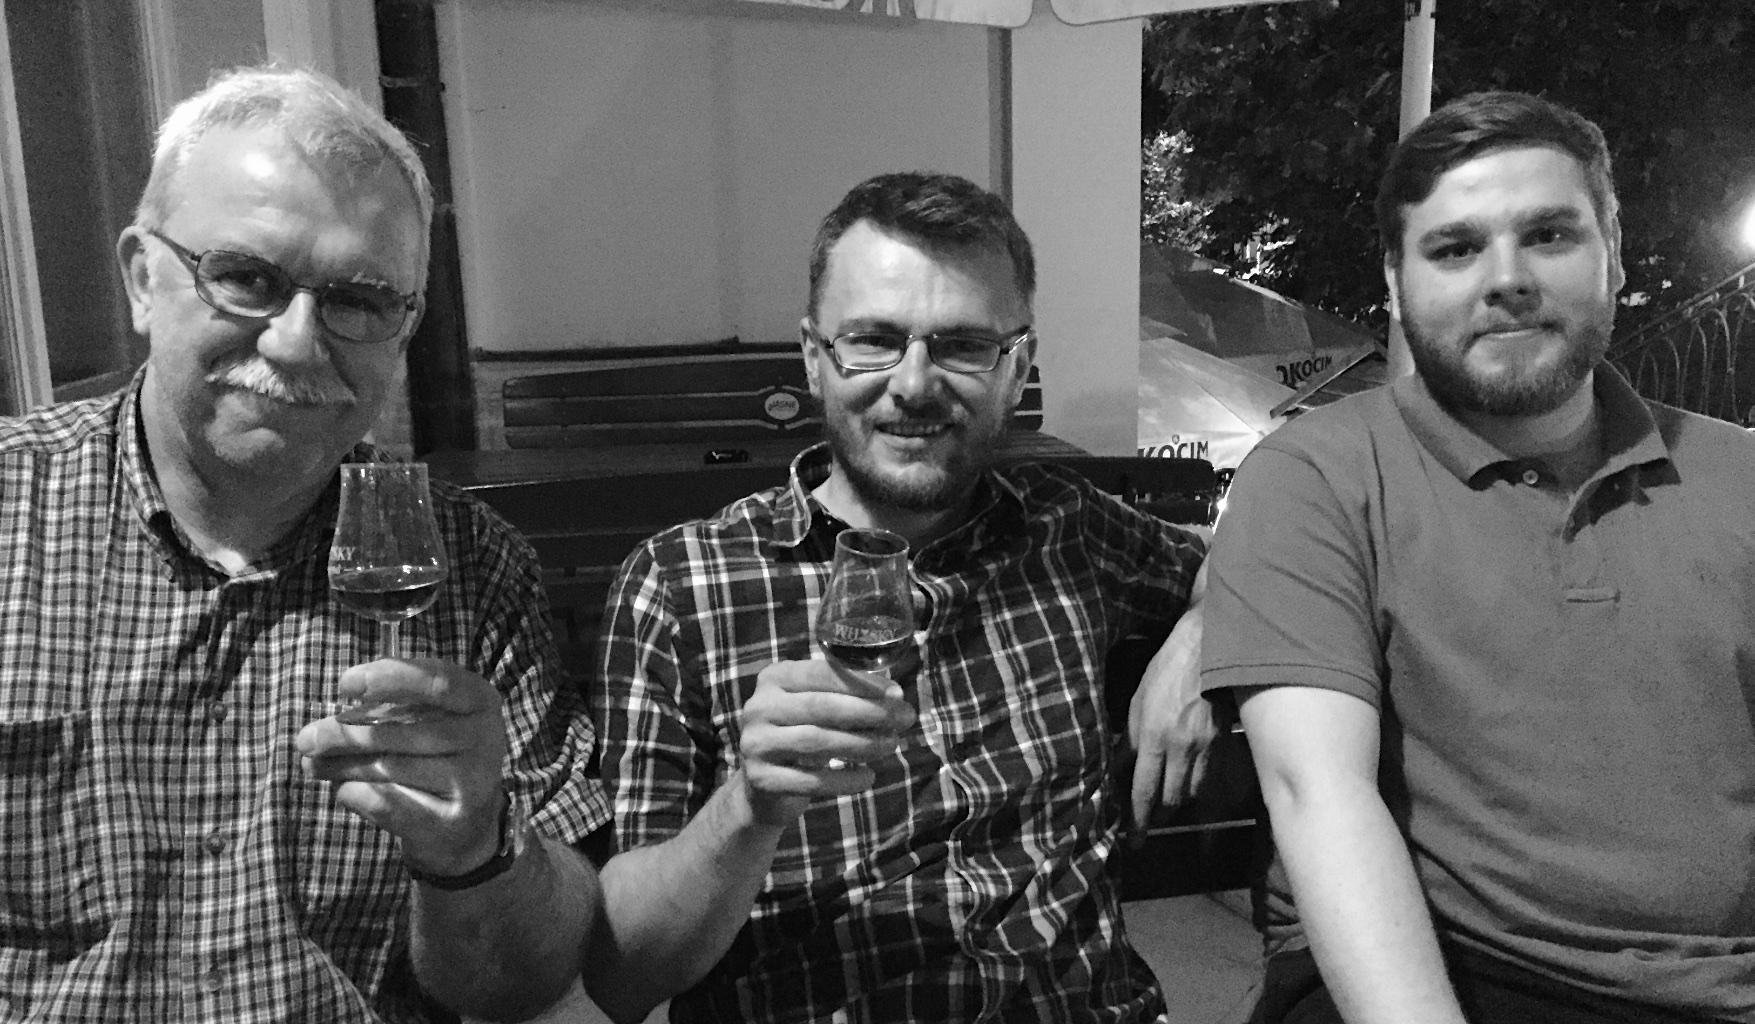 Zespół degustacyjny od lewej: Piotr, Grzegorz, Mariusz i .. ja robiłem zdjęcie ;) - Daniel.